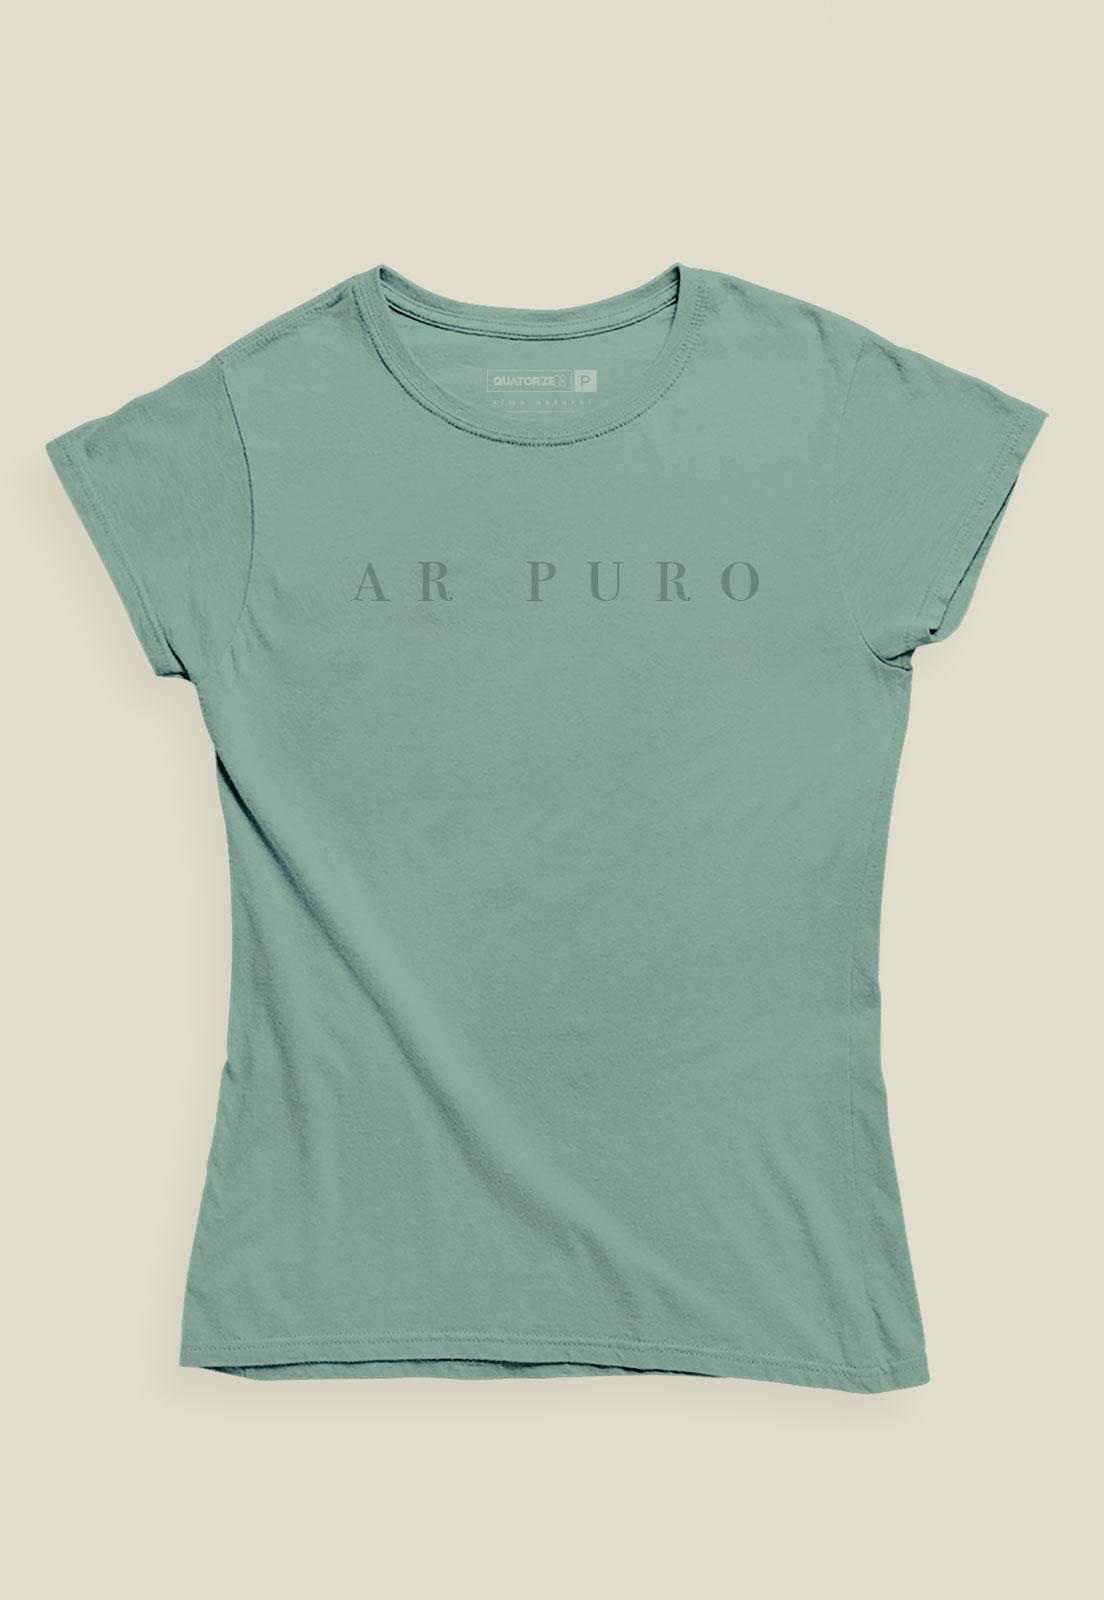 Camiseta Feminina Verde Médio Estonada de Algodão Ar Puro